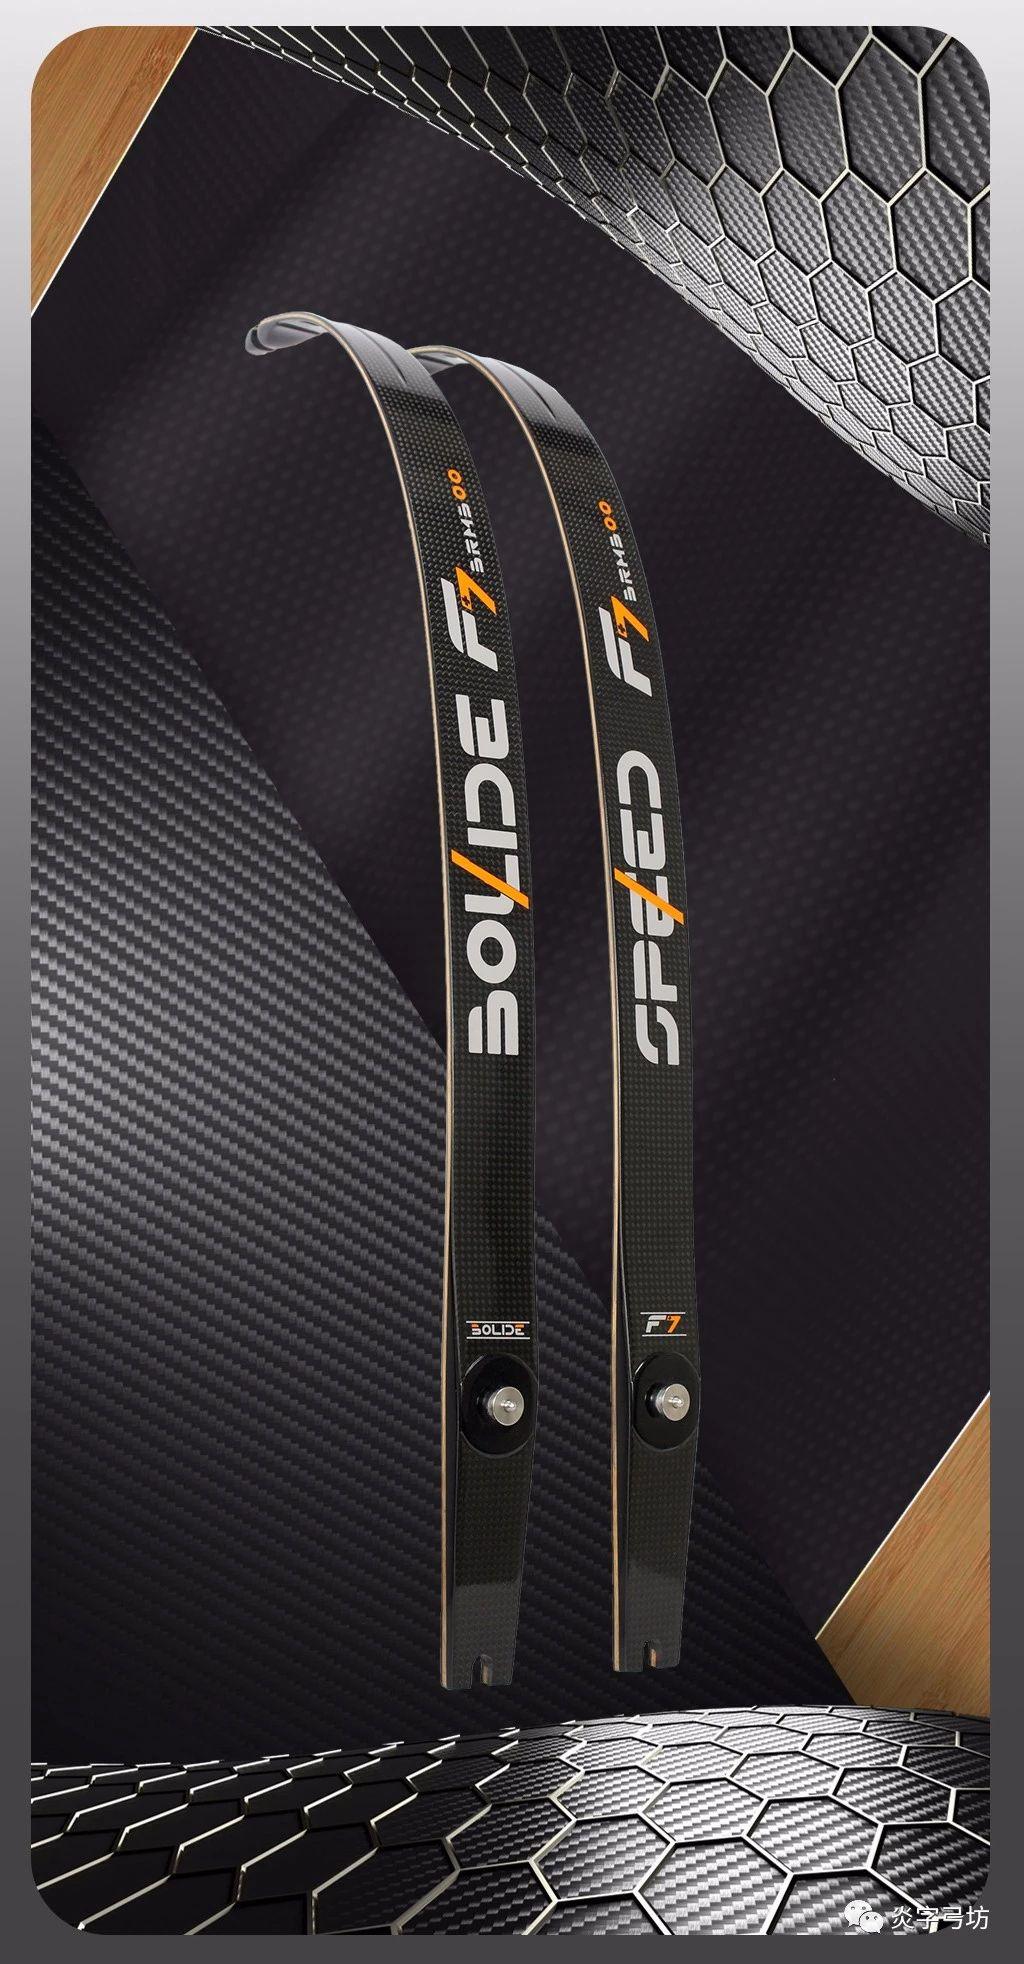 新品发售#炎字弓坊F7#炎字弓坊献给弓友们的高性价比碳纤维弓片!